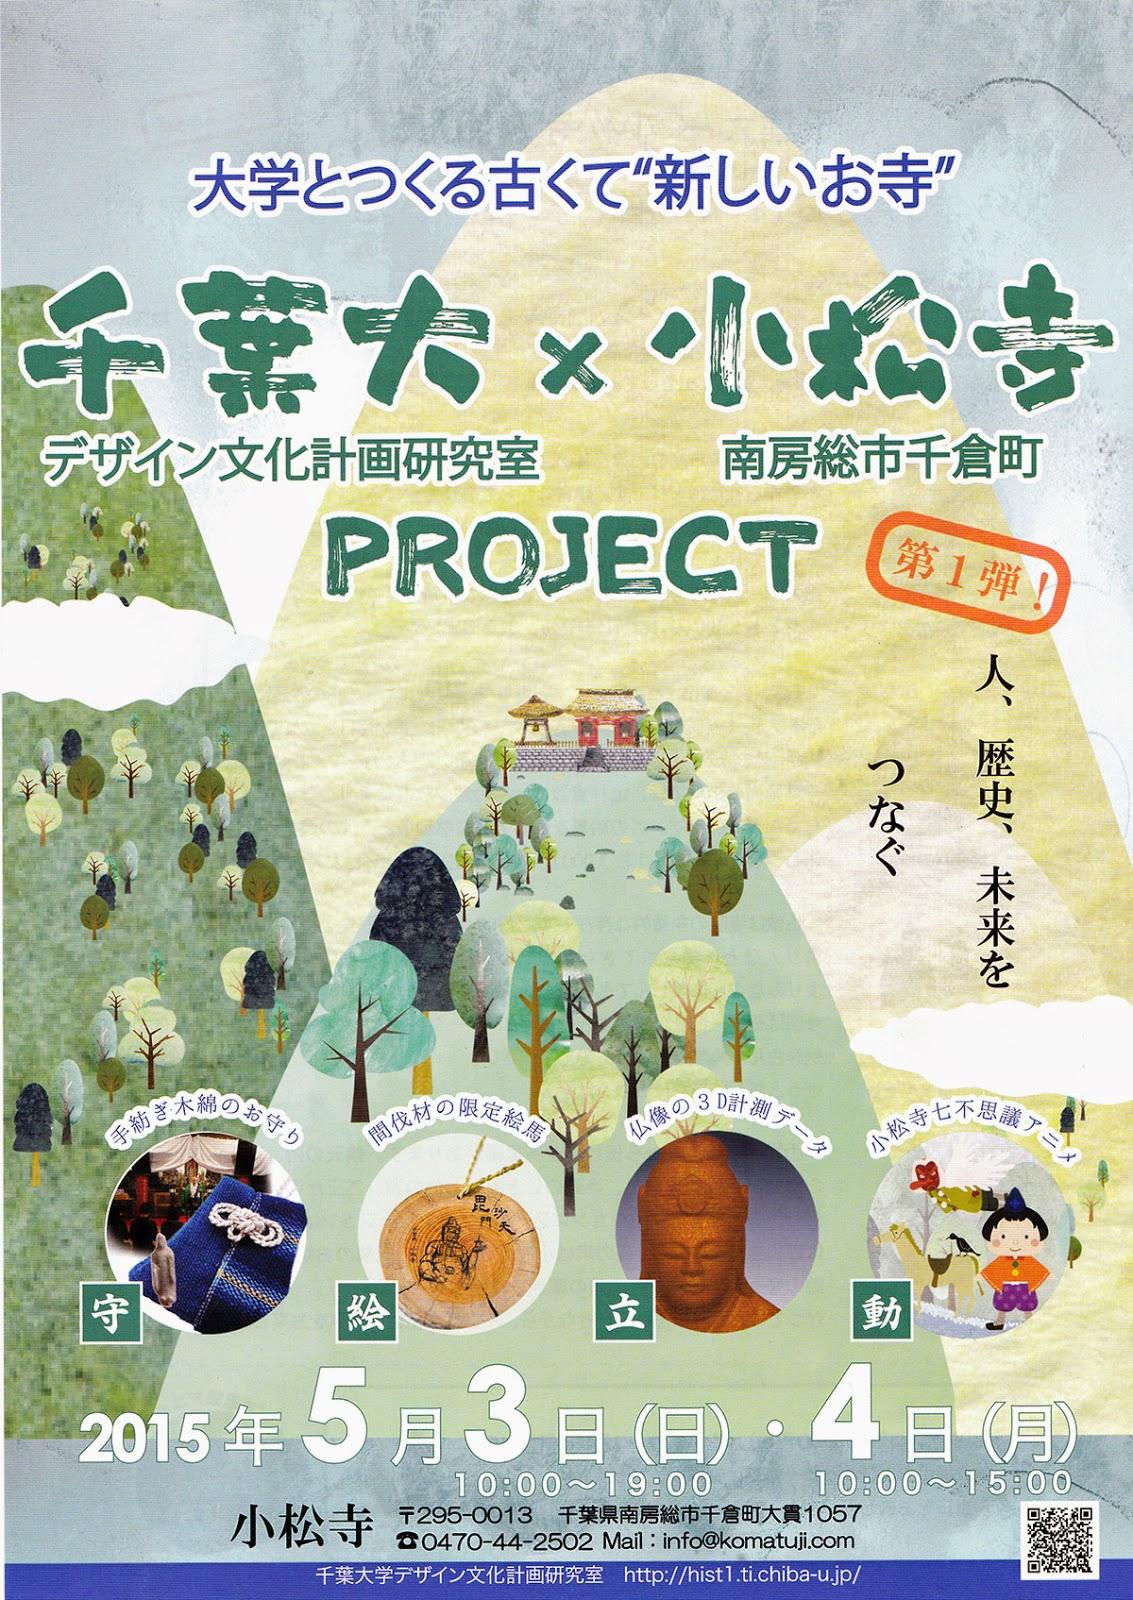 千葉大x小松寺 Project 2015-05-3.4